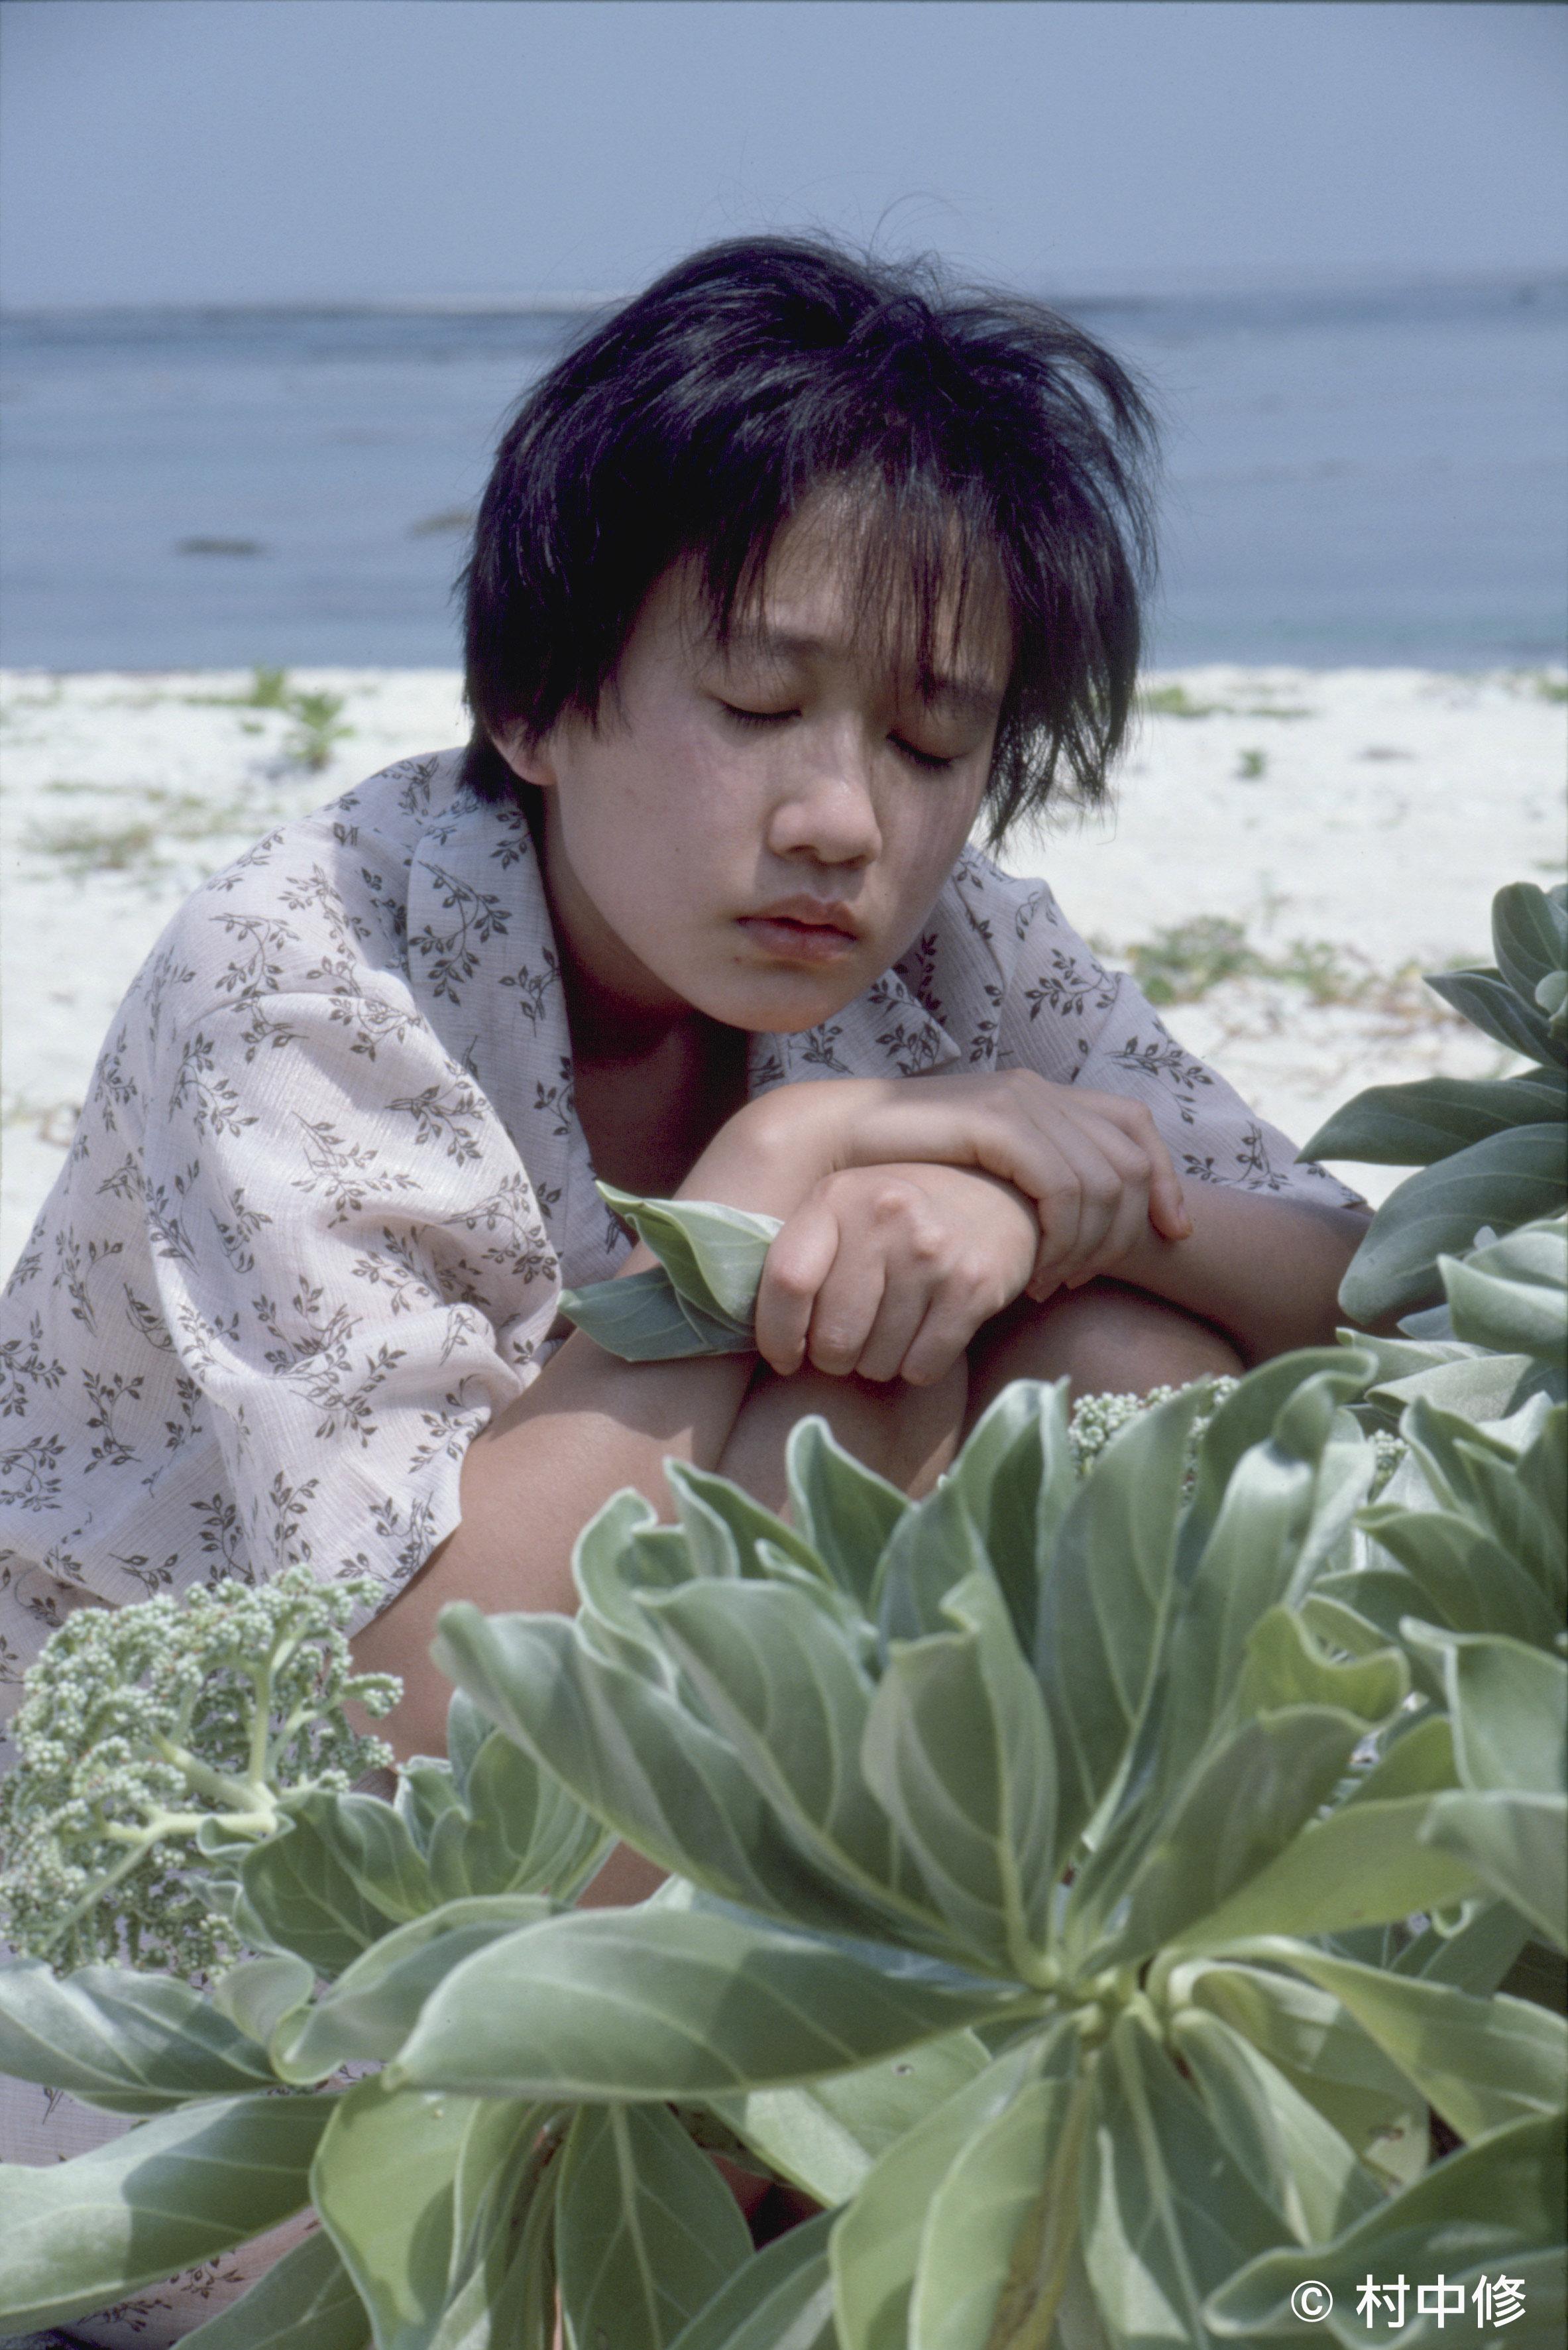 《樂園幻景》(Paradise View, 1985)© 村中修